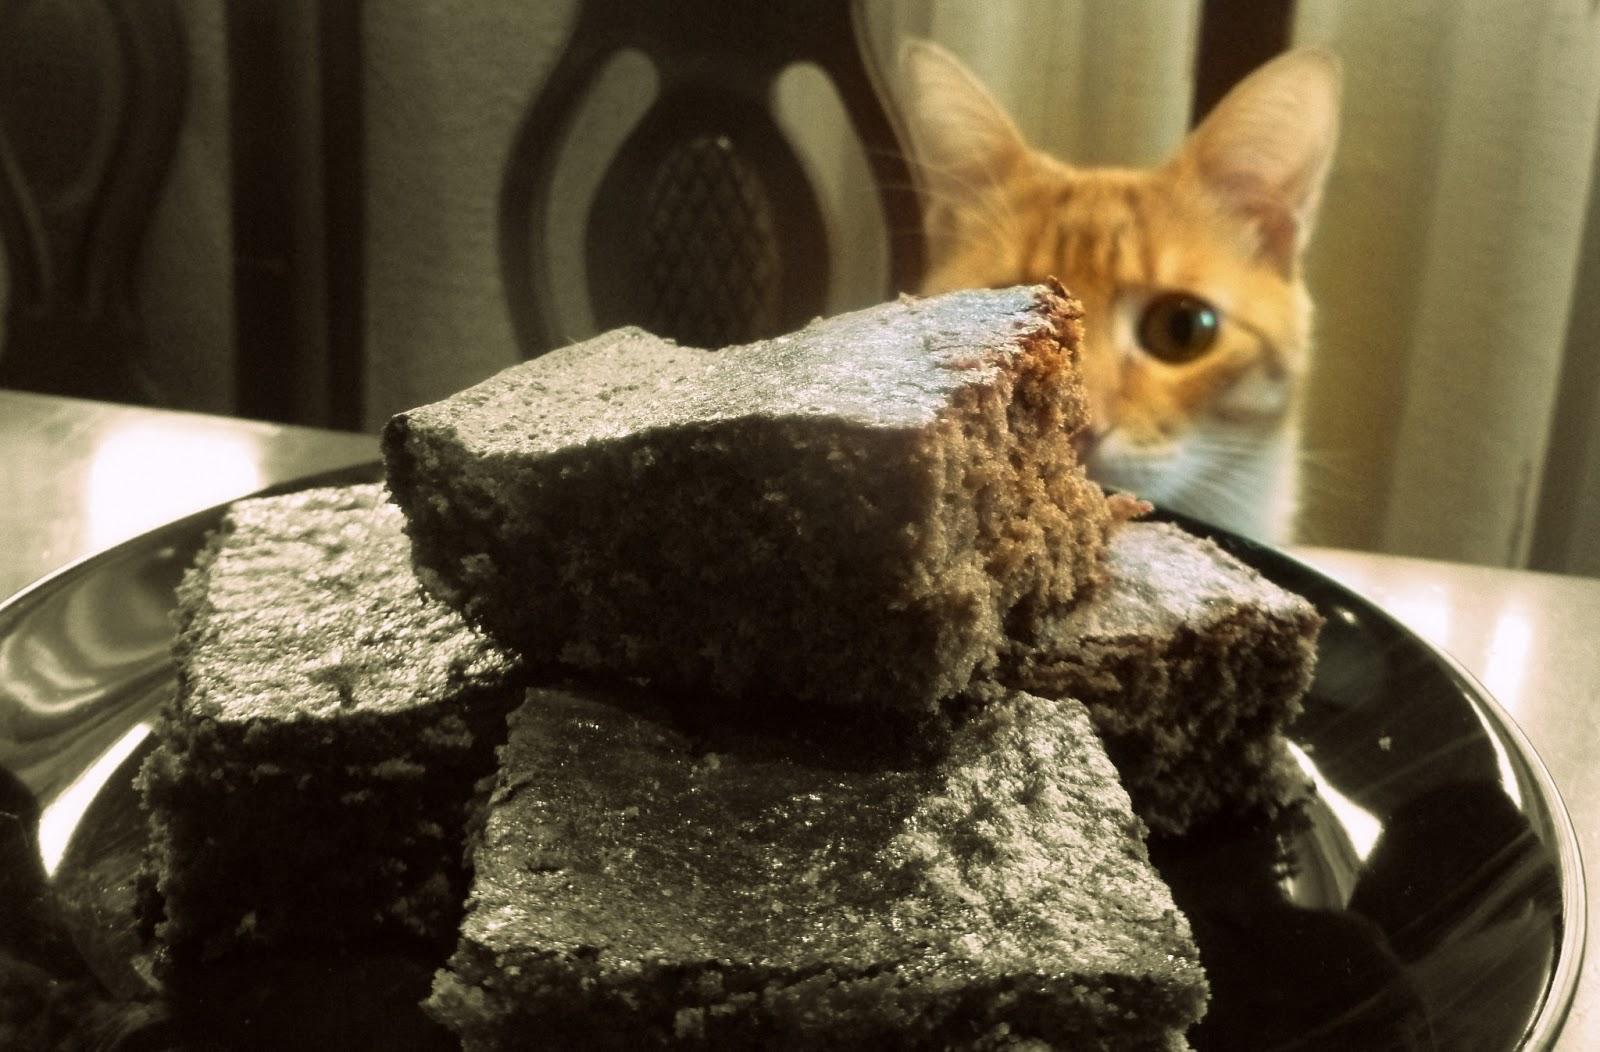 Jerome mirando el bizcocho